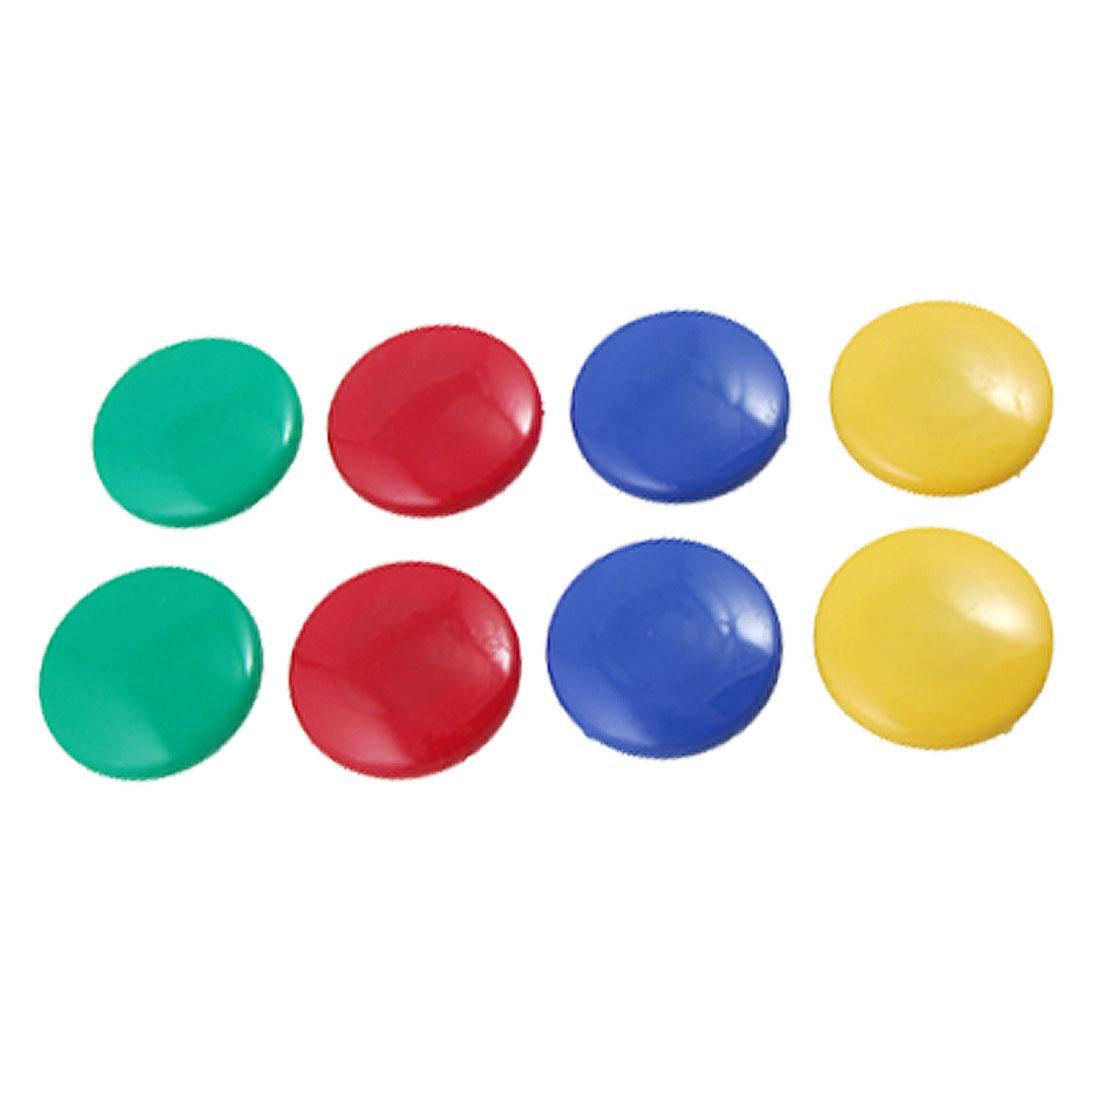 40mm Diameter Plastic Assorted Color Magnetic Button 8PCS